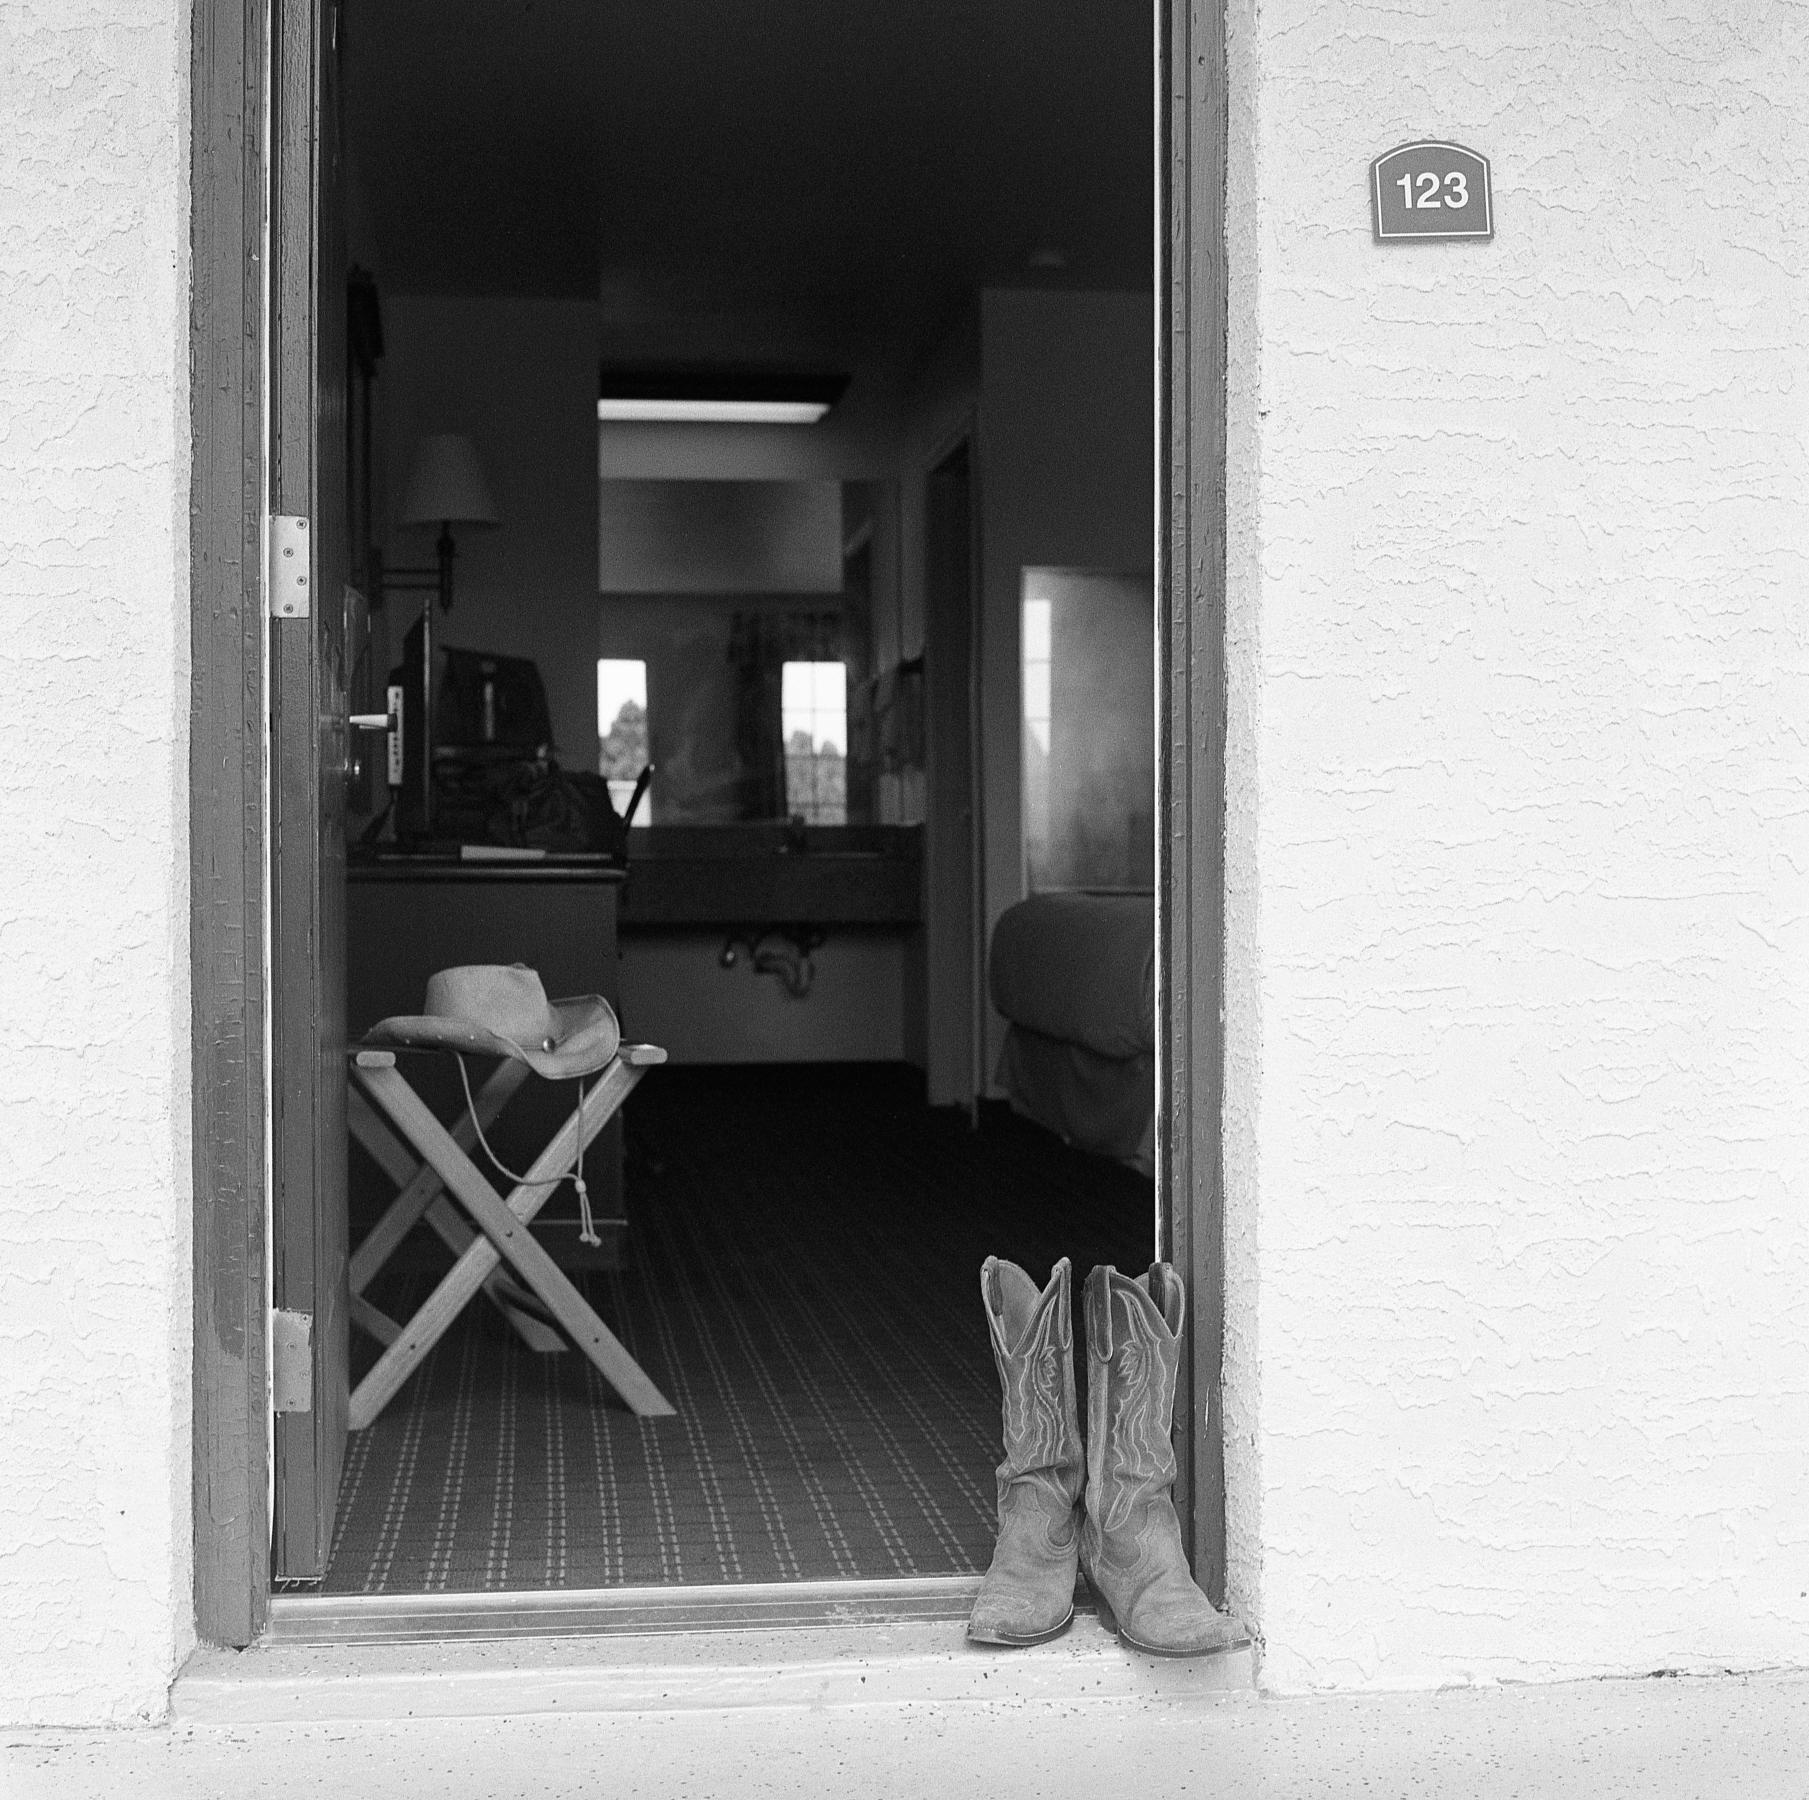 boots in the doorway (1 of 1)sm.JPG